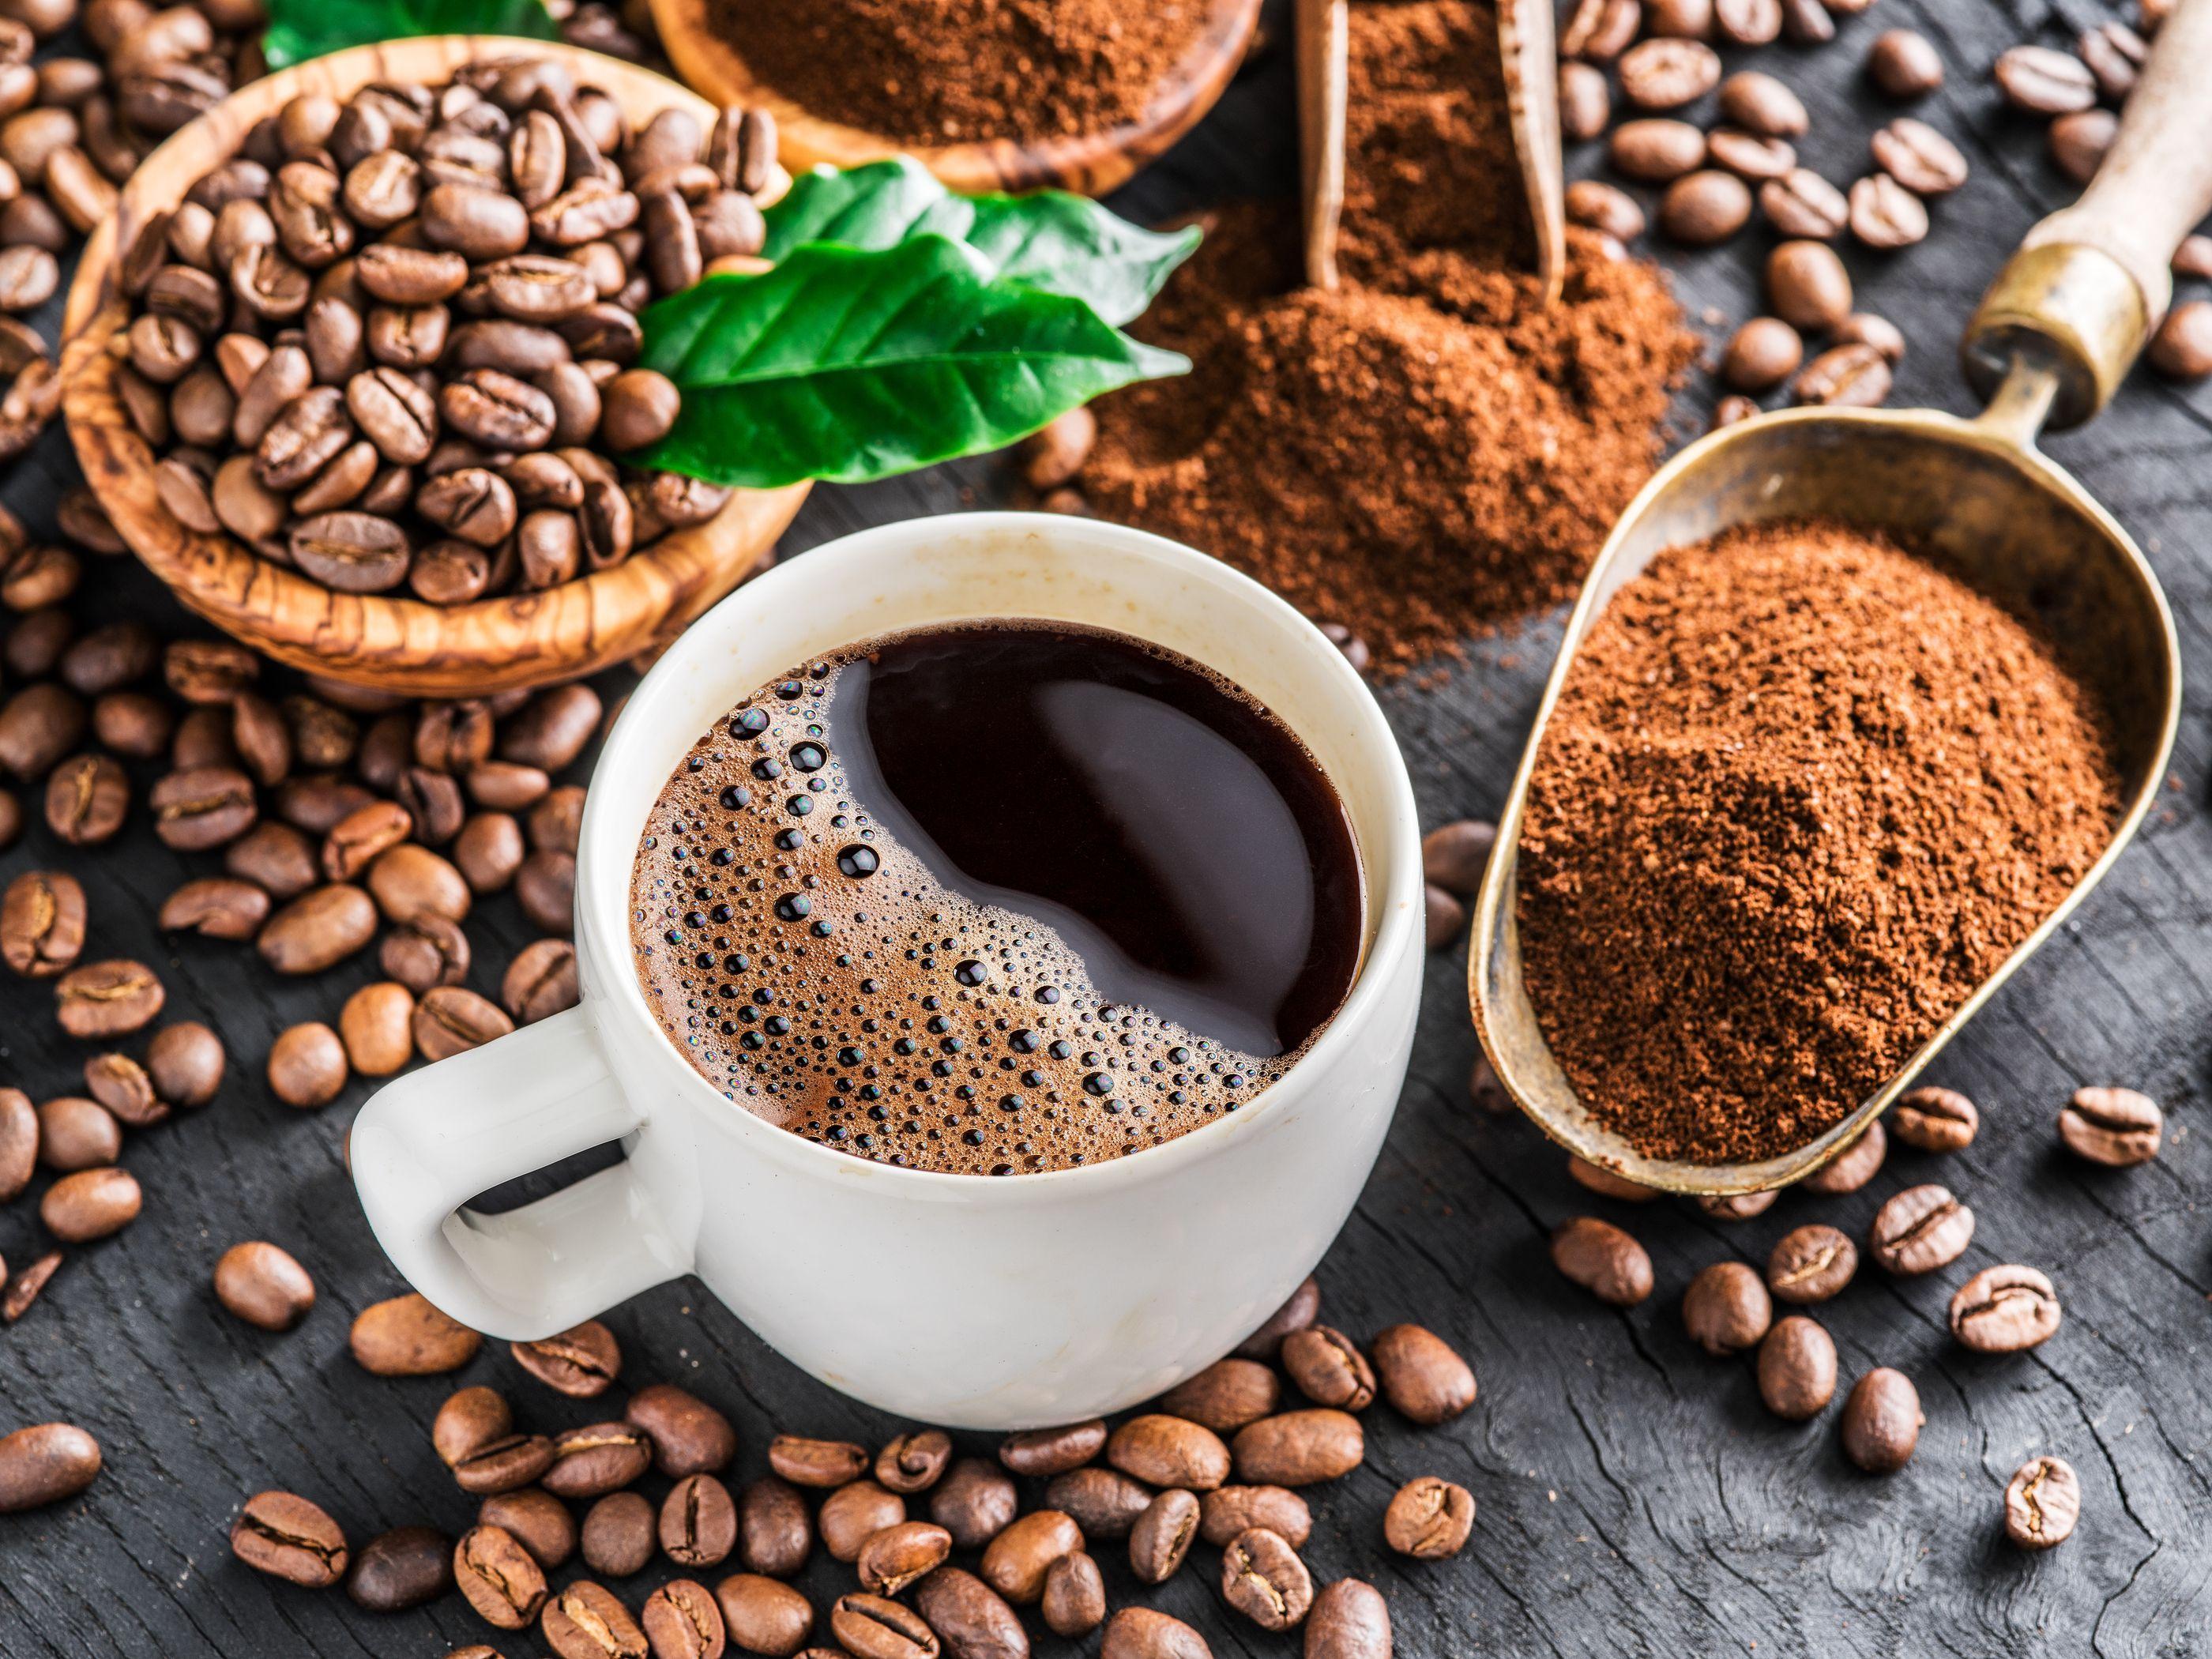 mejores suplementos a base de cafeina